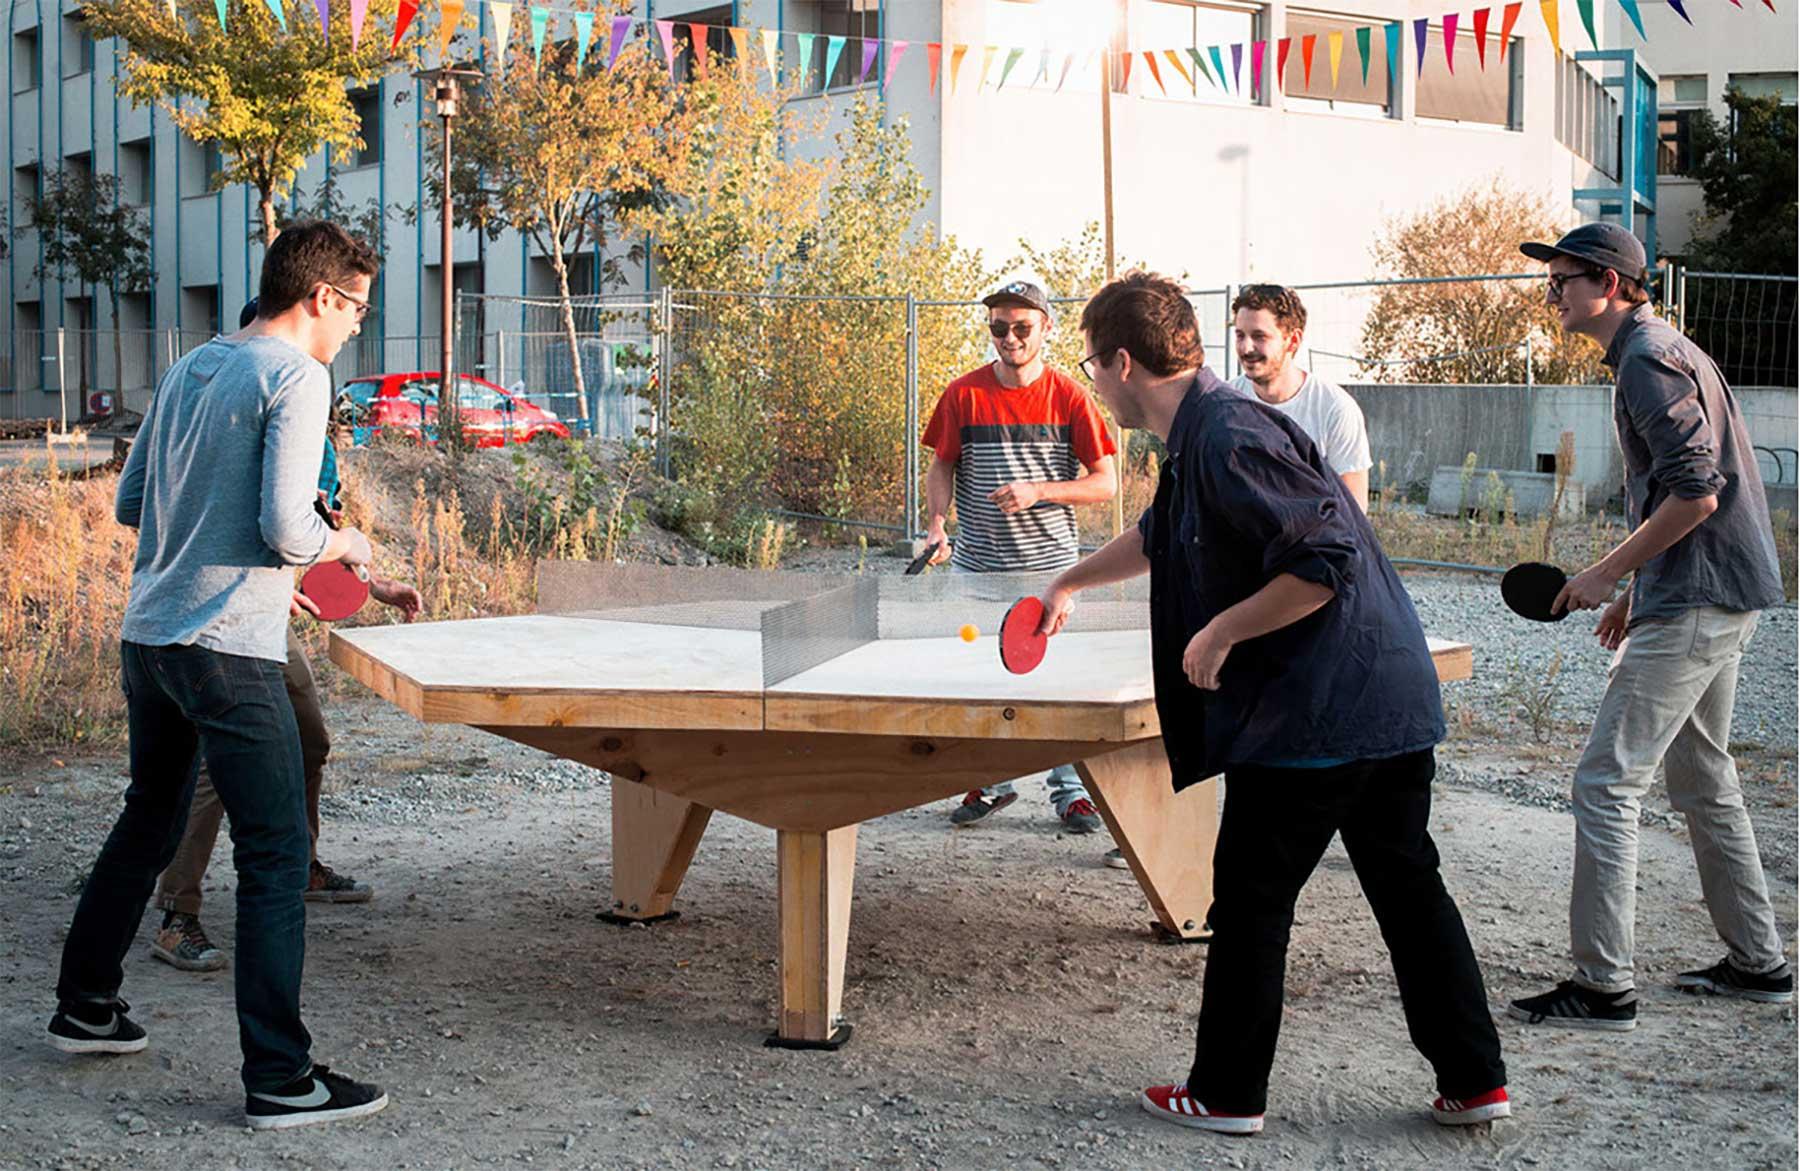 Tischtennis ad absurdum ping-pong-pang_03